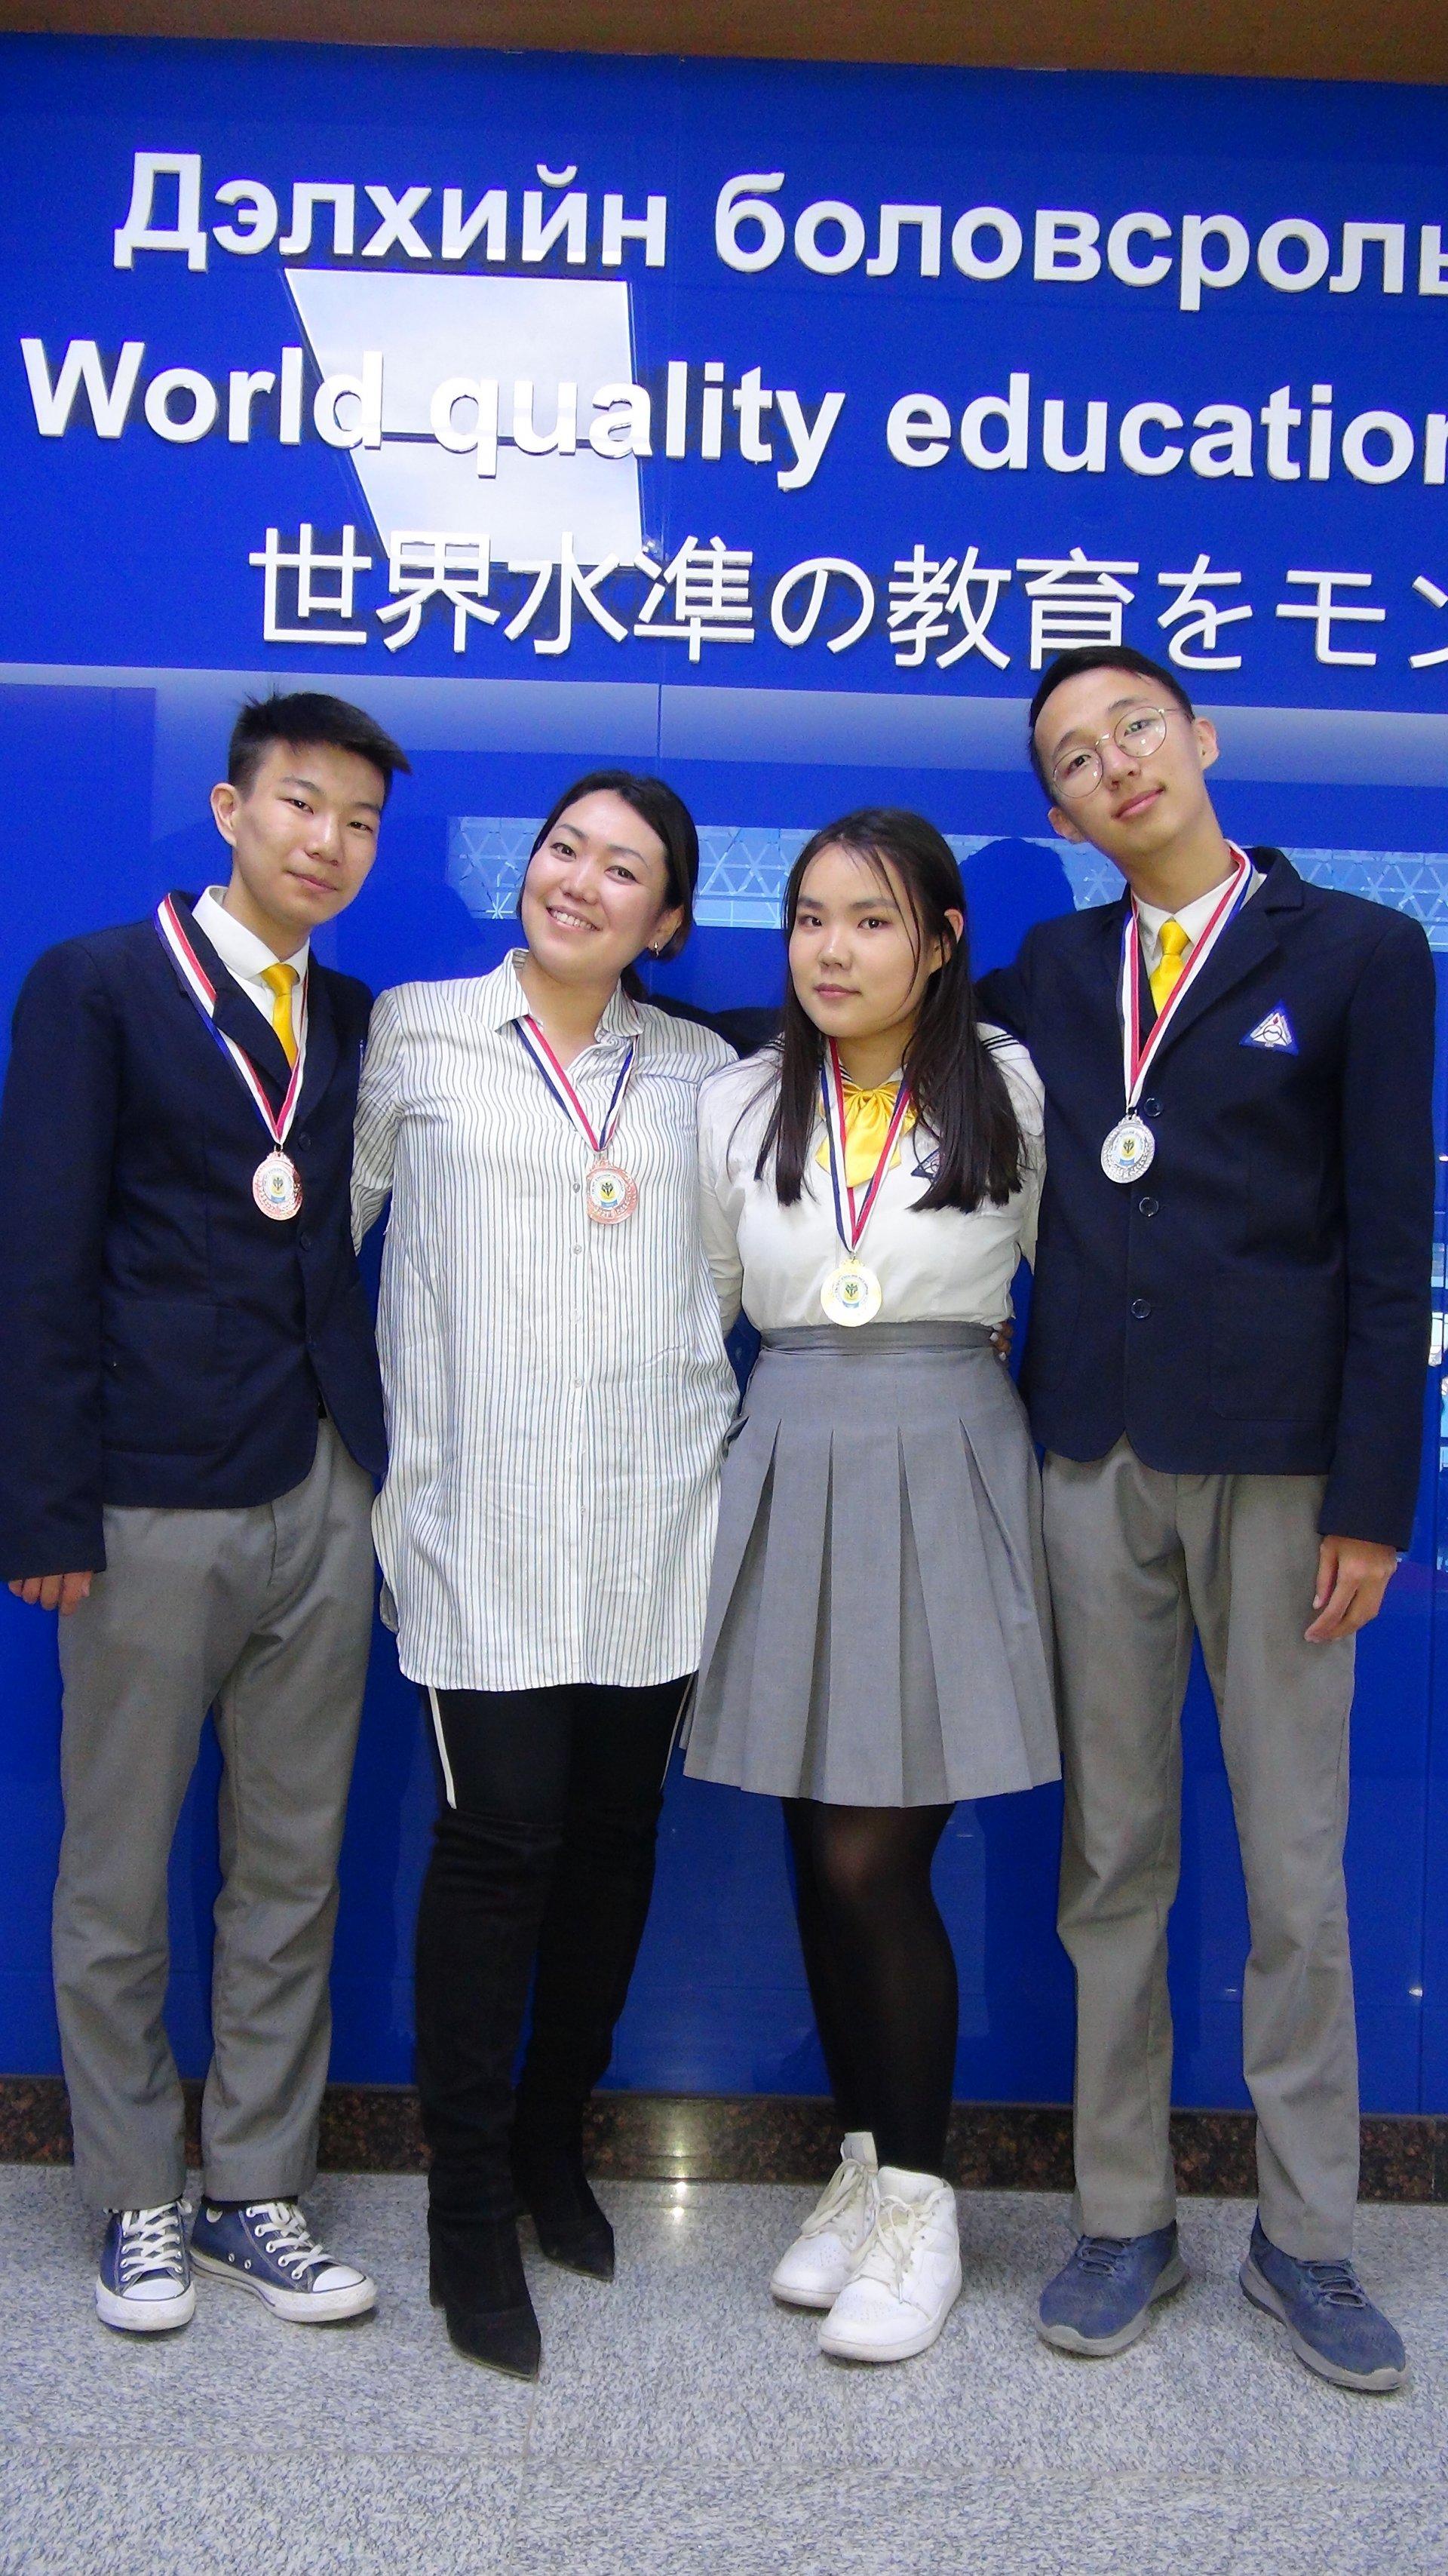 Хобби сургуулийн нэрэмжит англи хэлний 16-р олимпиадад амжилттай оролцлоо